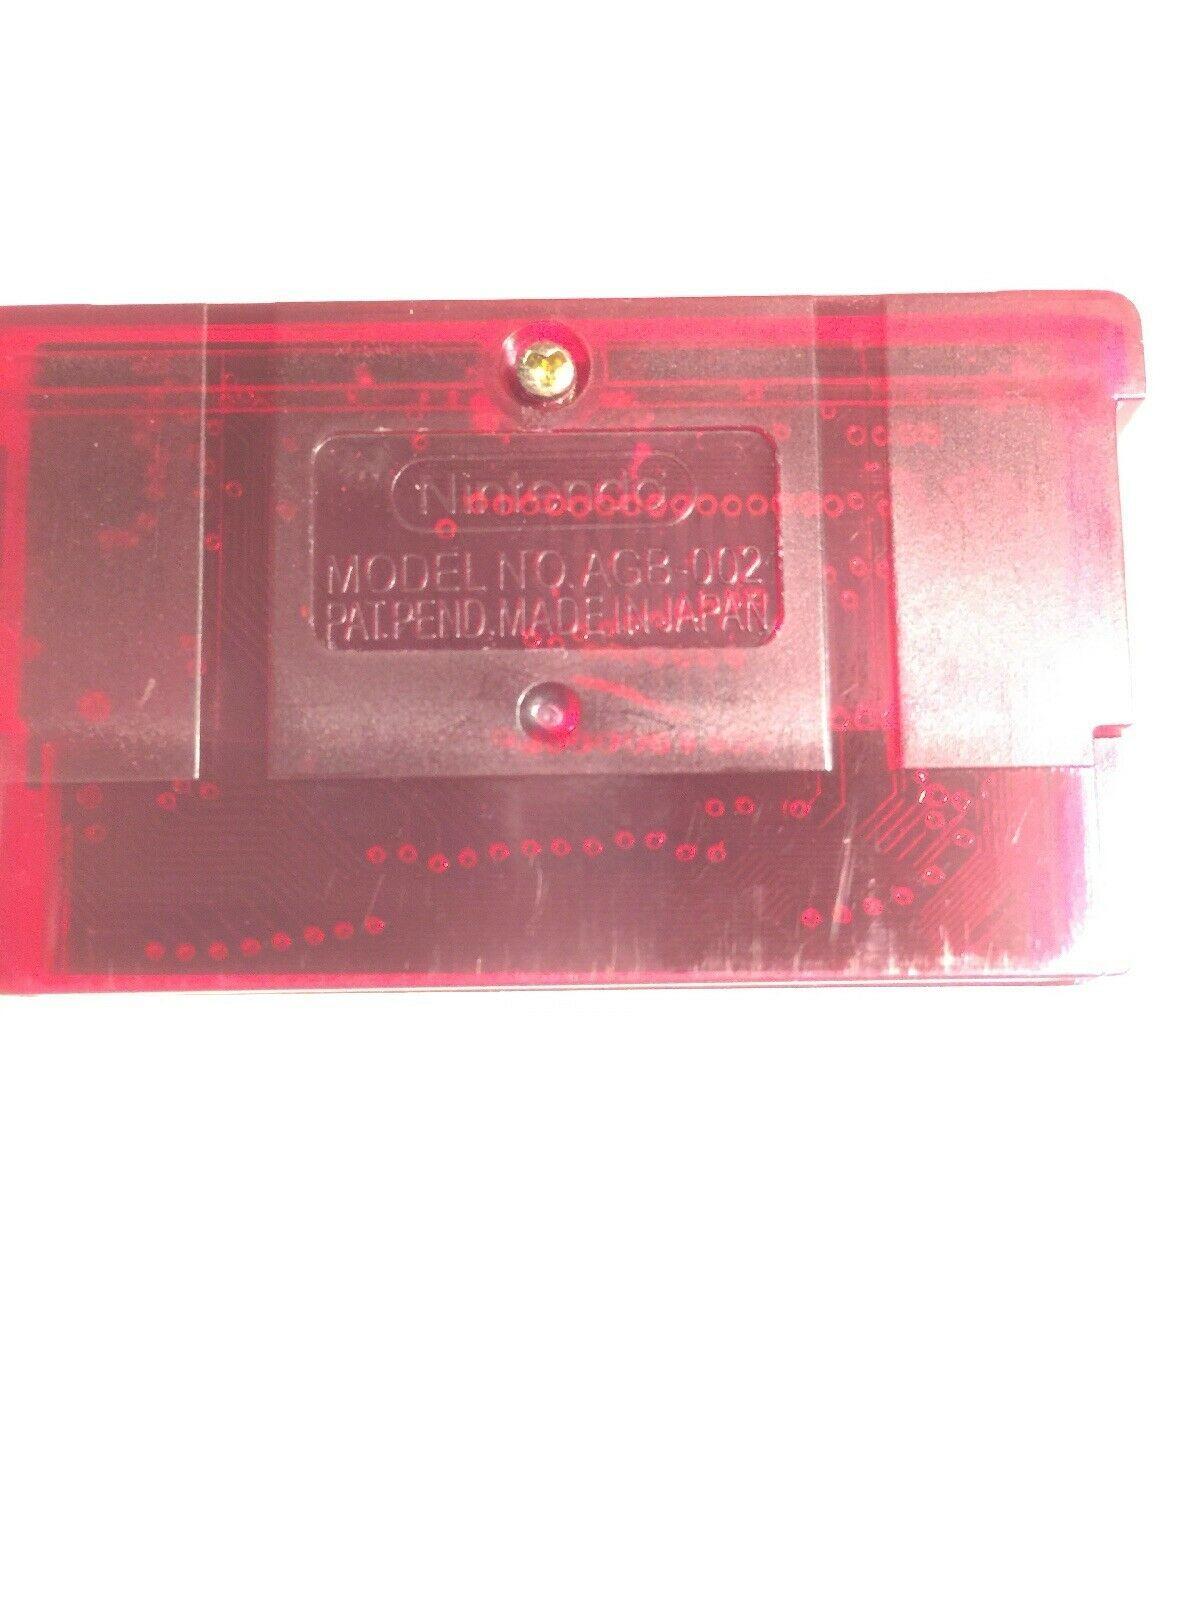 Pokemon Ruby Version Game Boy Advance Cartridge Only image 2